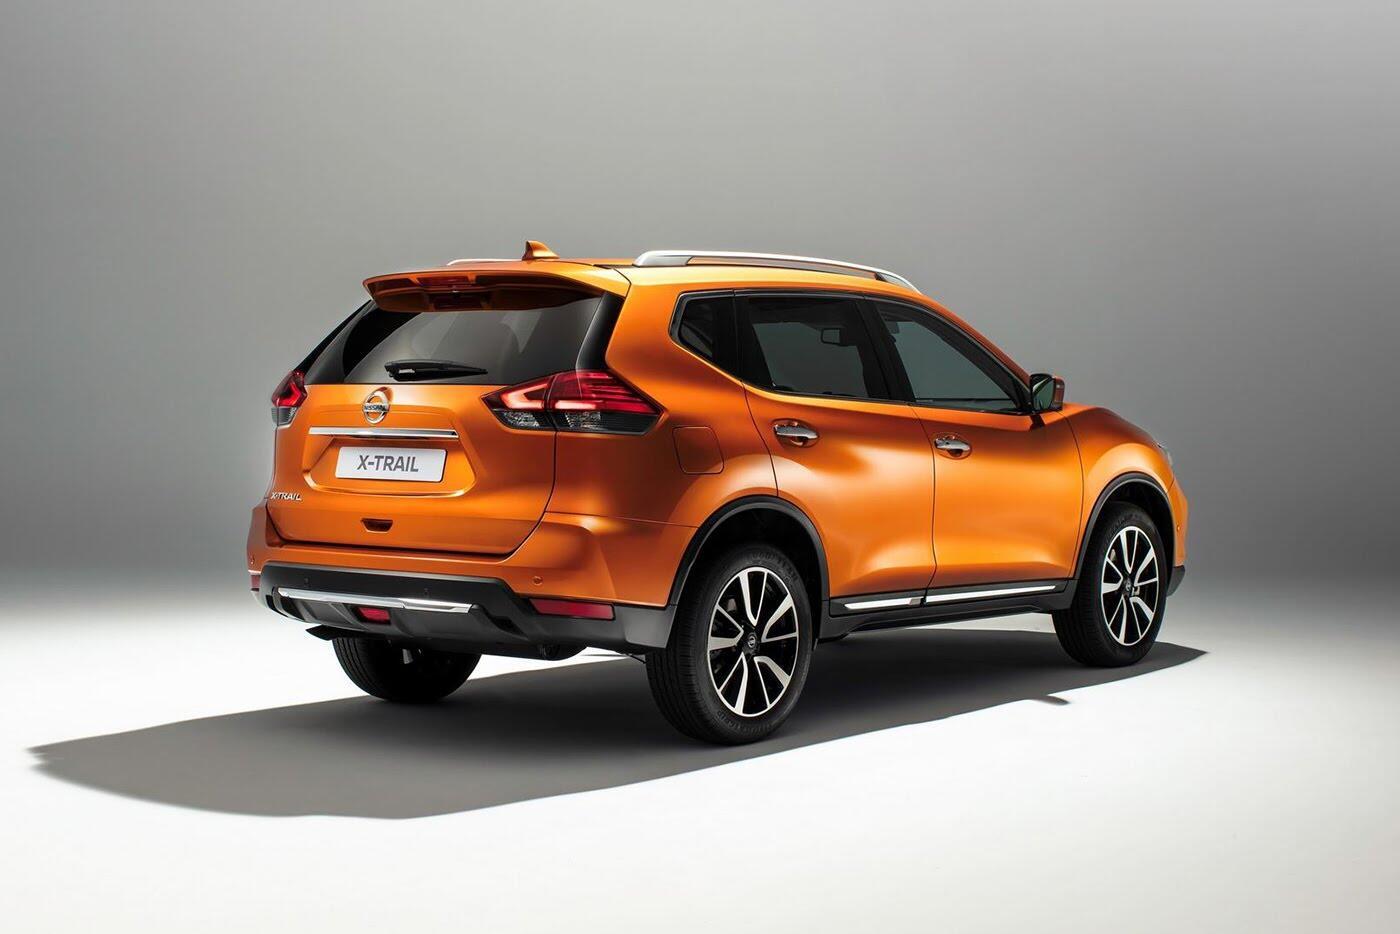 Nissan X-Trail 2017 có thêm phiên bản Nismo mới hầm hố và thể thao - Hình 8